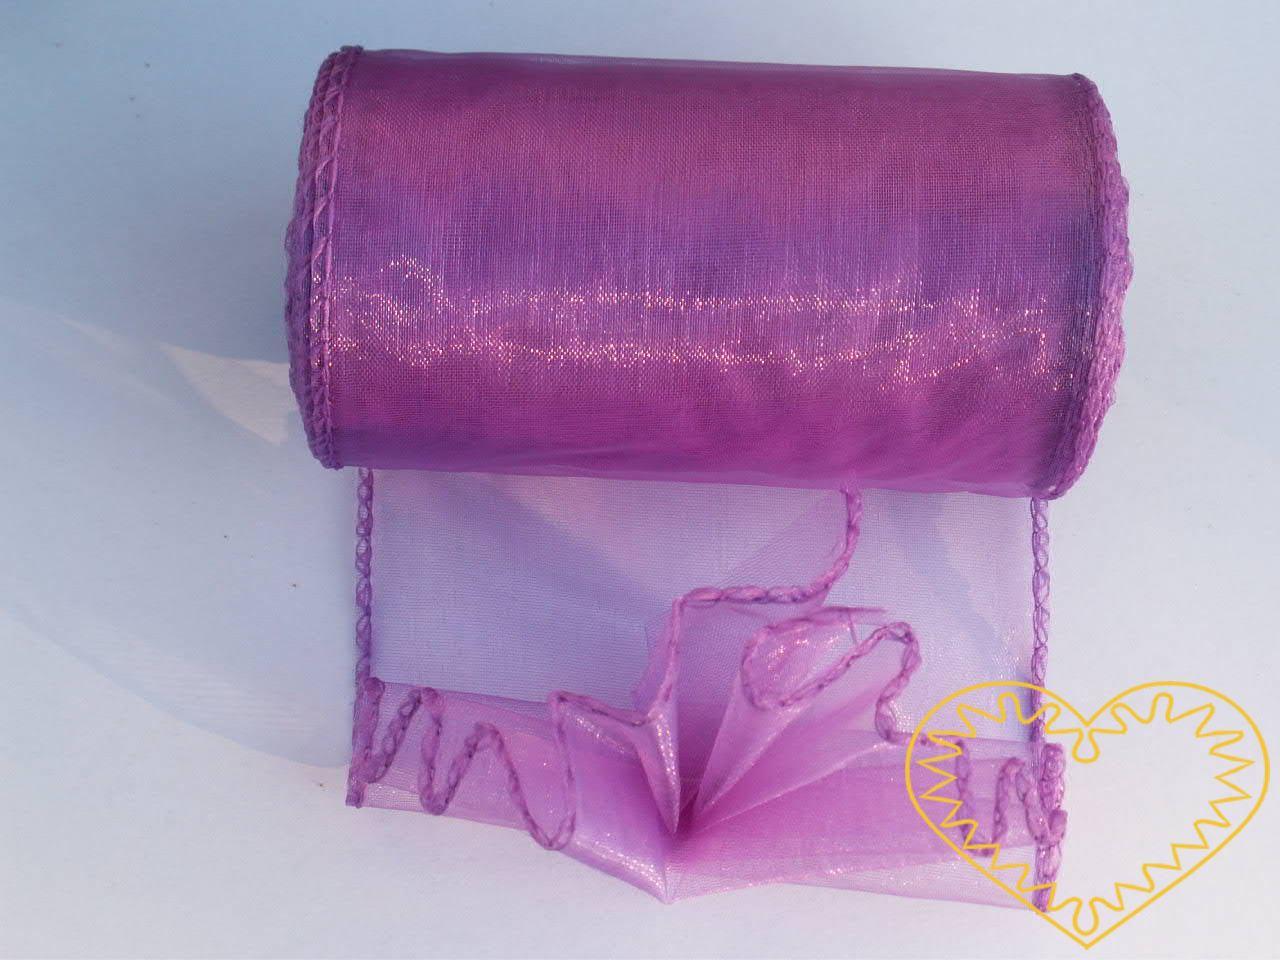 Růžová organza šíře 10 cm, z obou stran obroubená.Organza má široké využítí - k dekoračním účelům, k šití, do květinových aranžmá, pro výzdobu slavnostní tabule, k balení dárků, jako mašle, na výrobu broží i dalších ozdob.